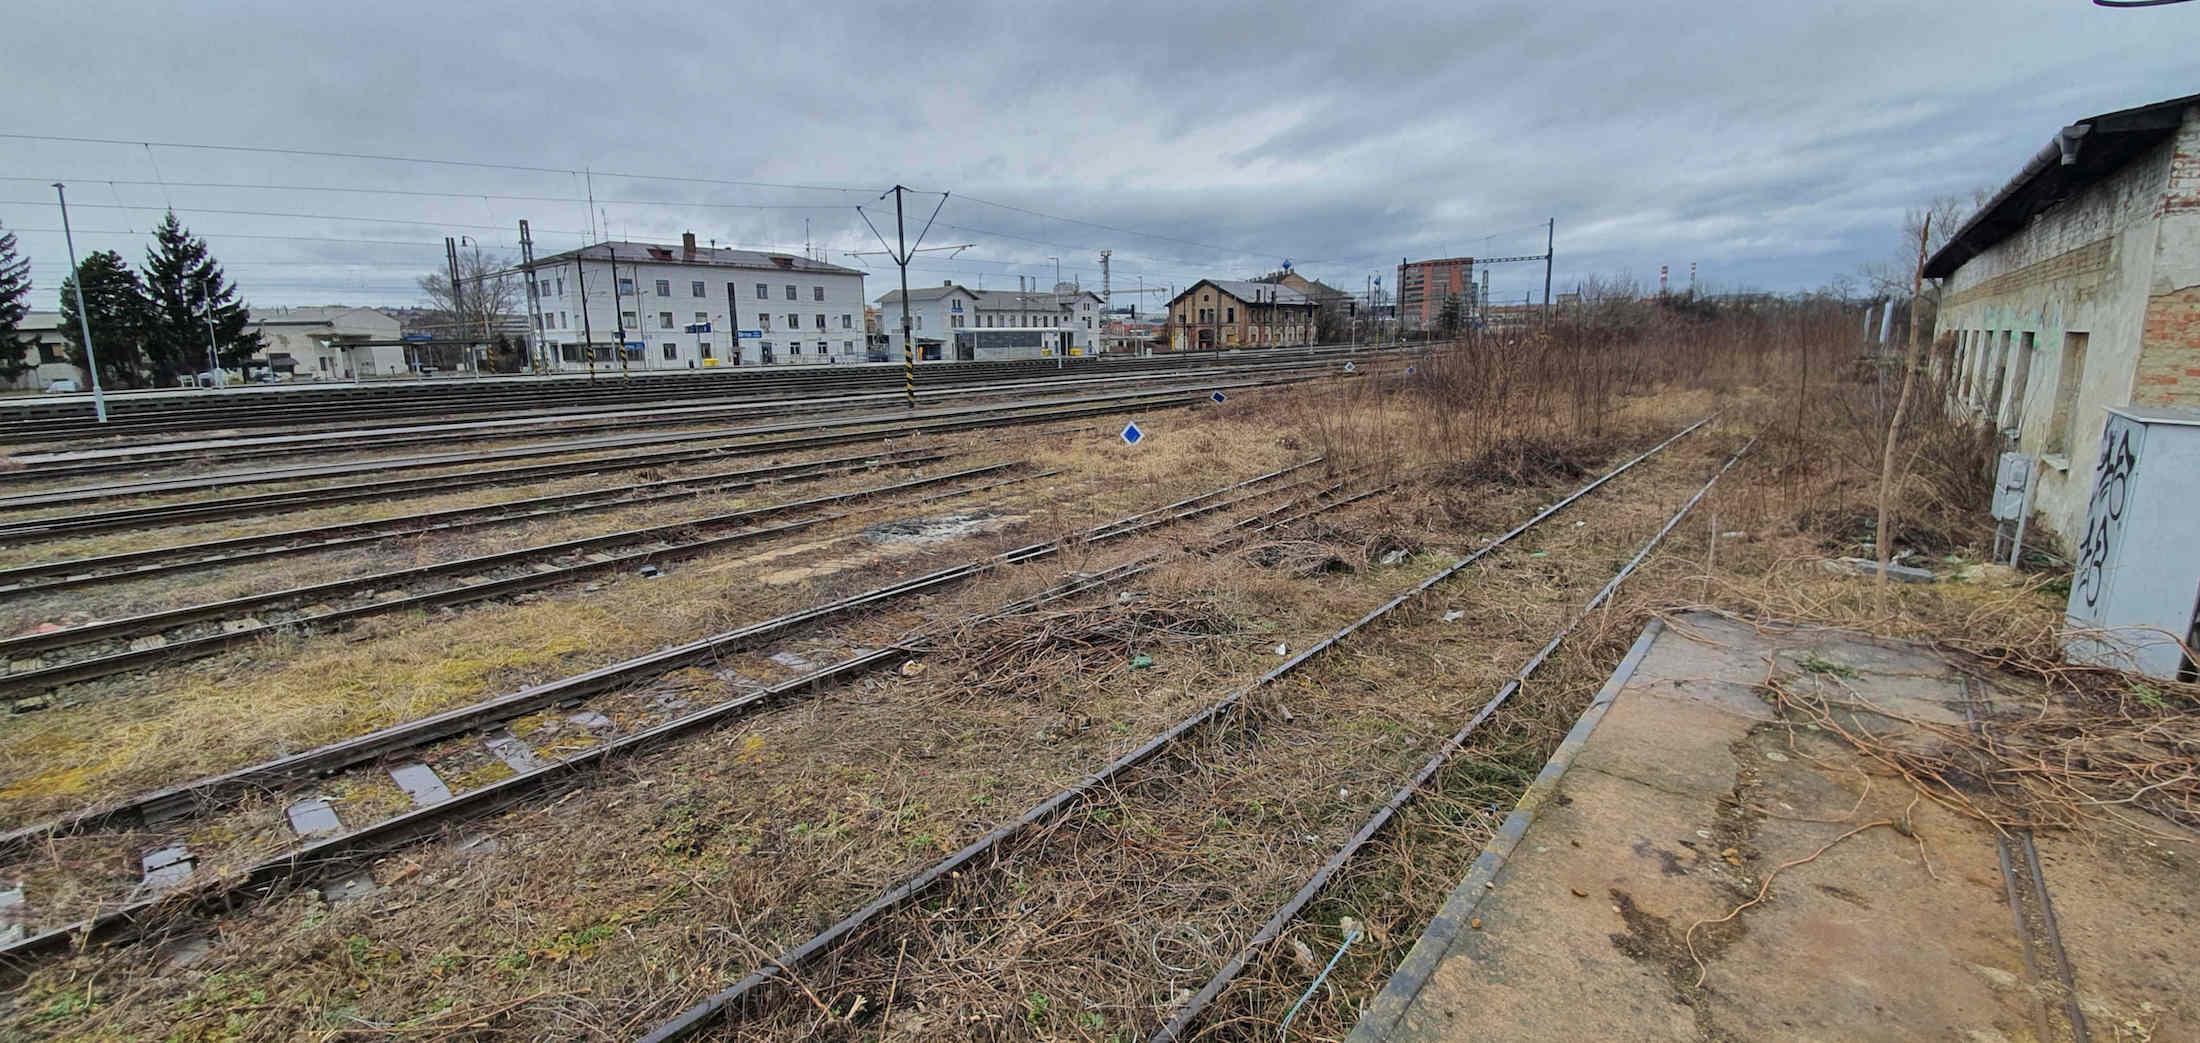 Dolní nádraží pohledem od Komárova, únor 2020